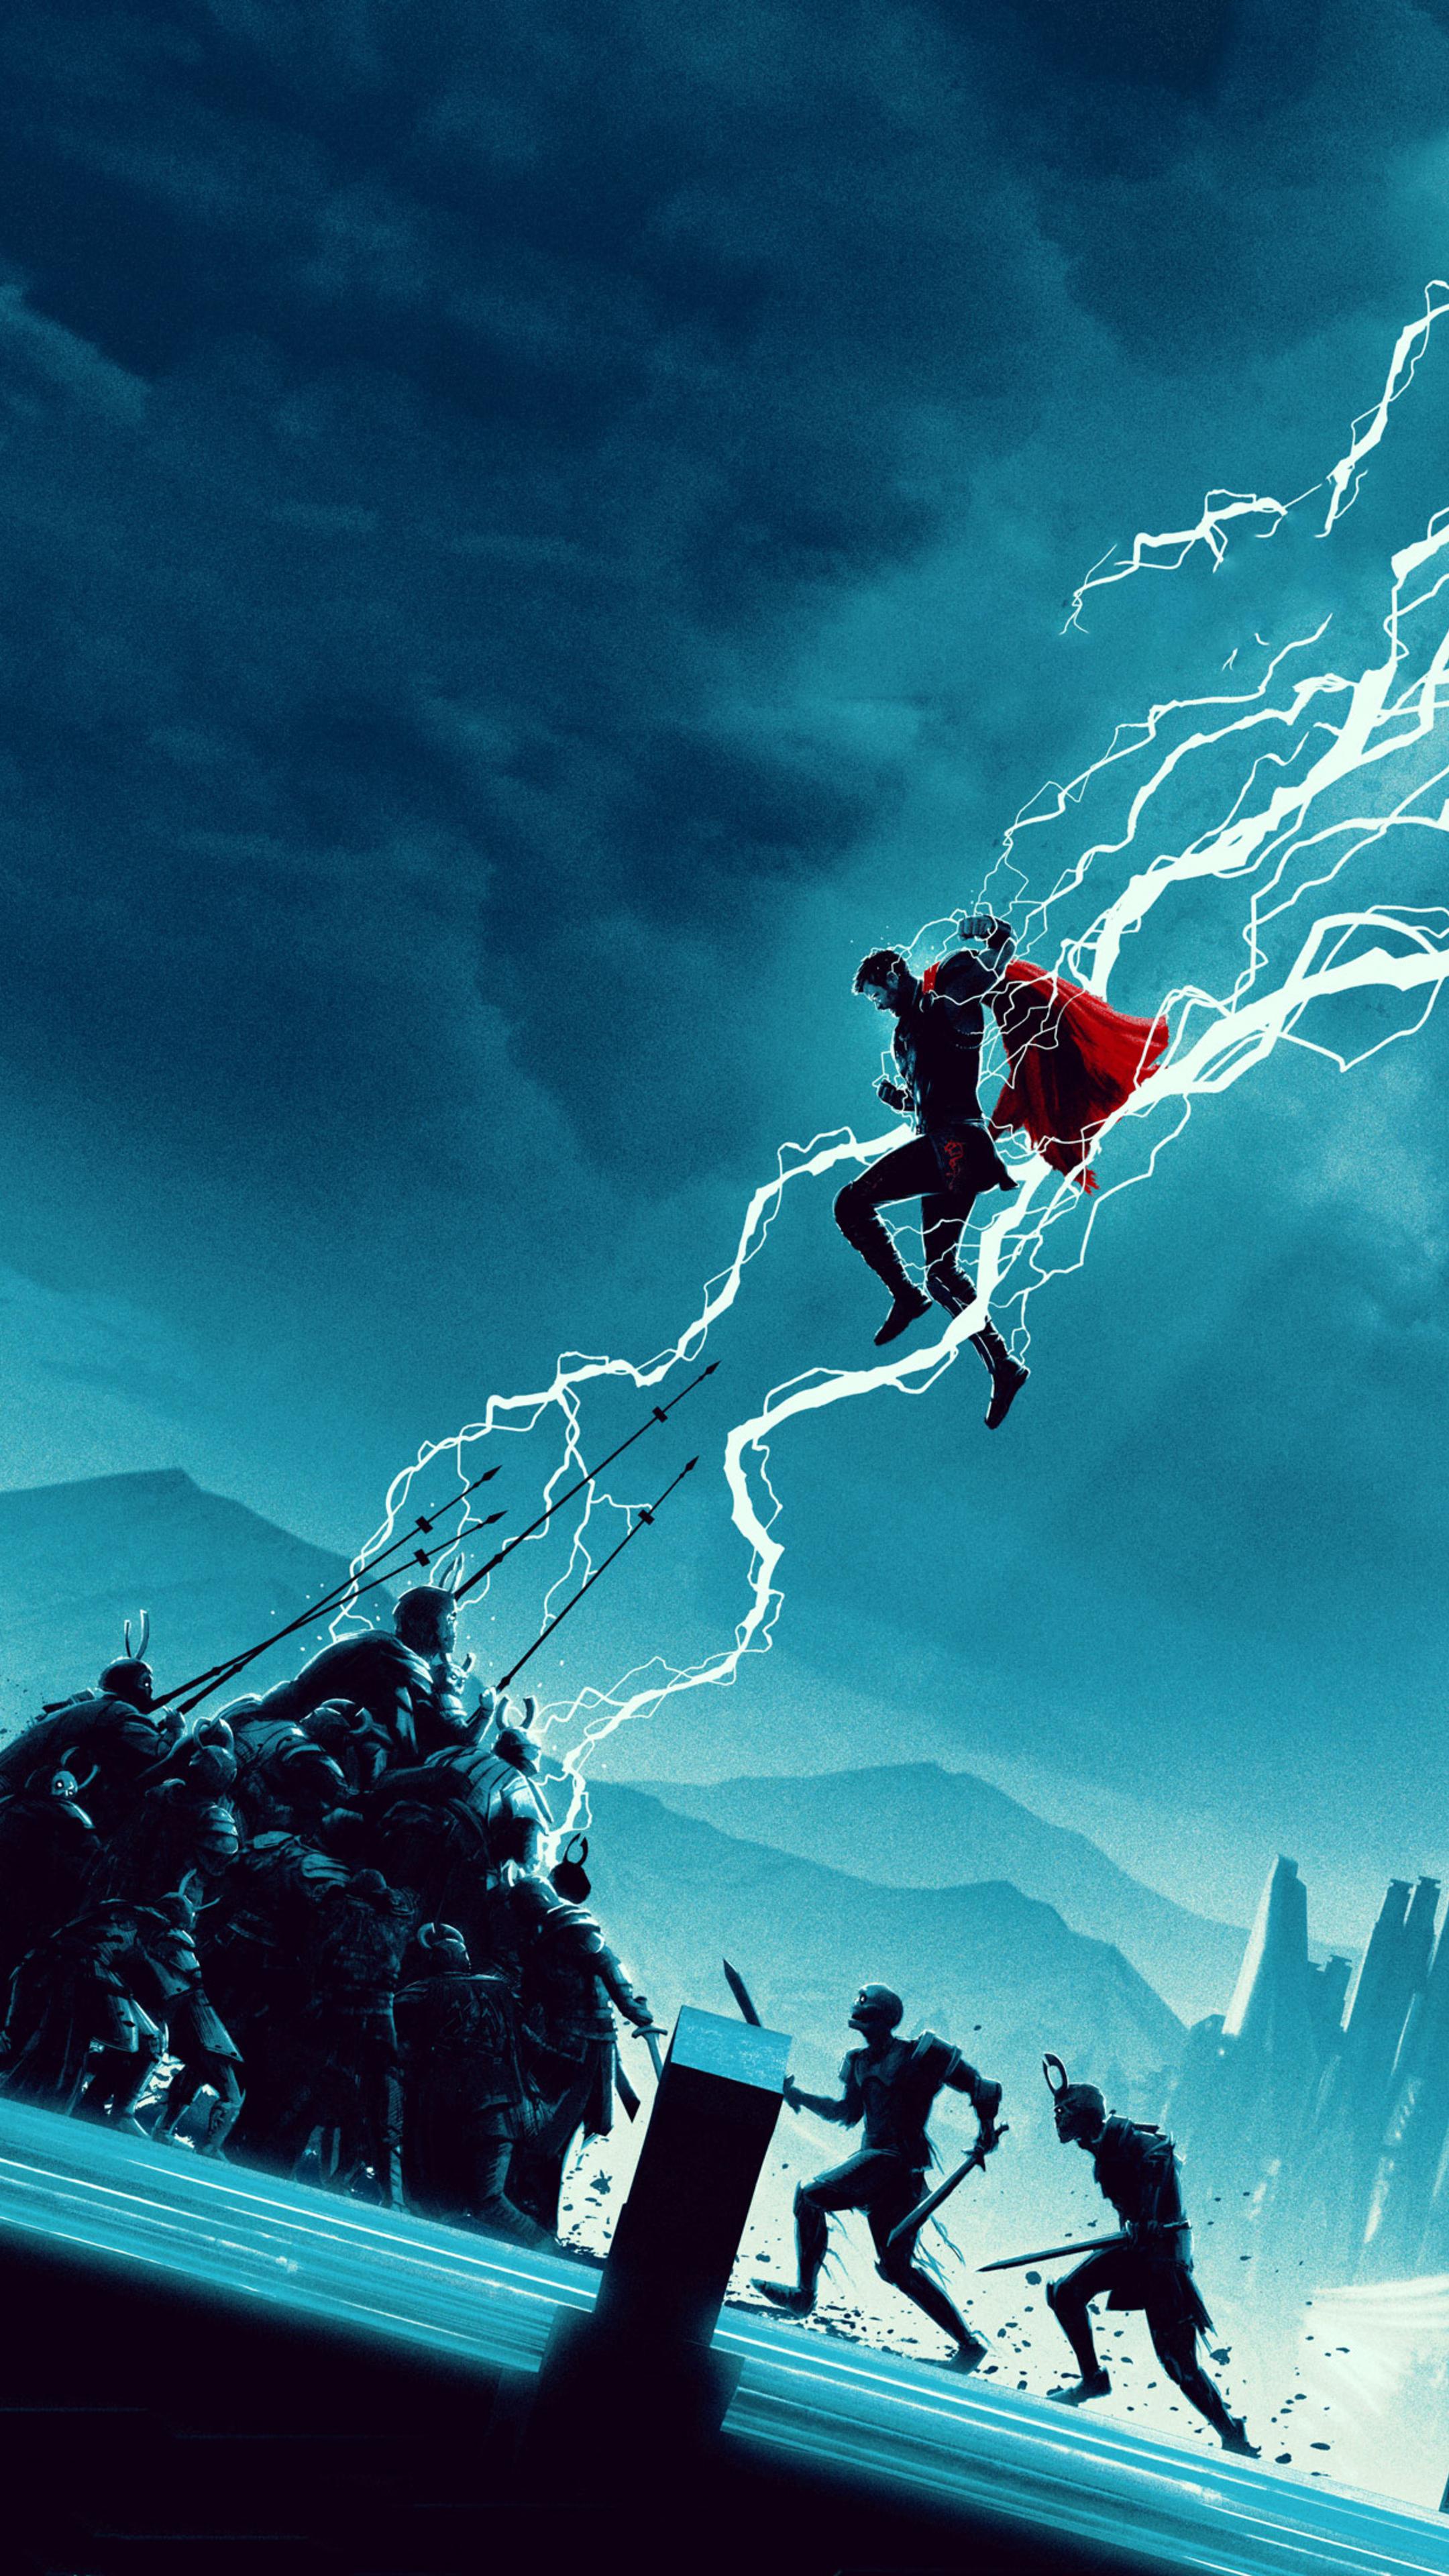 2160x3840 Thor Ragnarok Movie Artwork 2018 Sony Xperia X ...